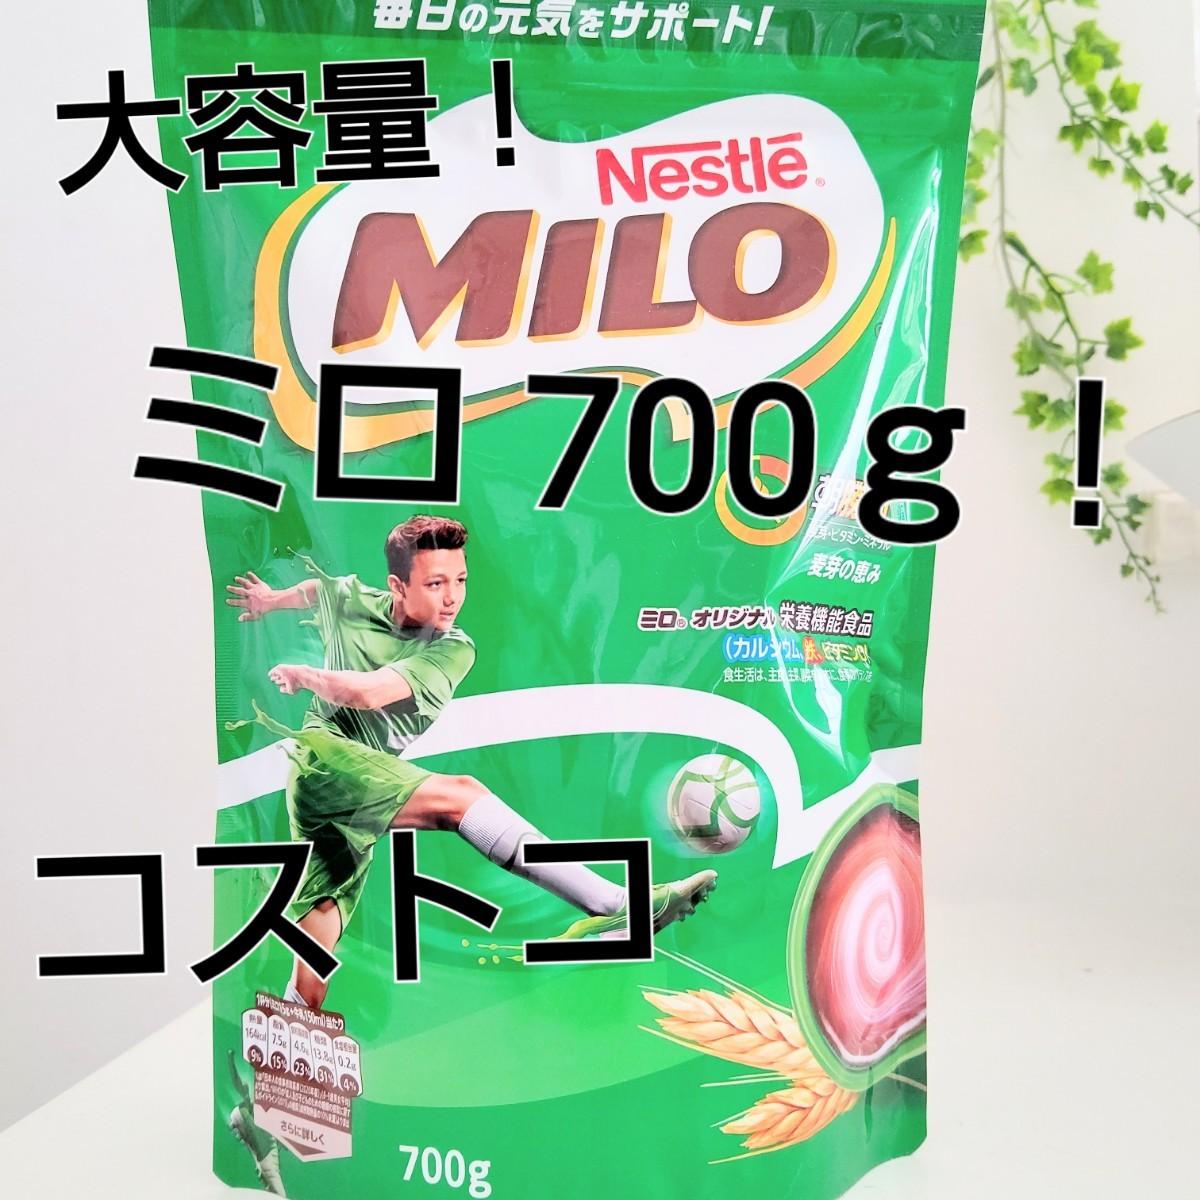 ミロ 700g! 大容量 コストコ ネスレ日本 栄養機能食品